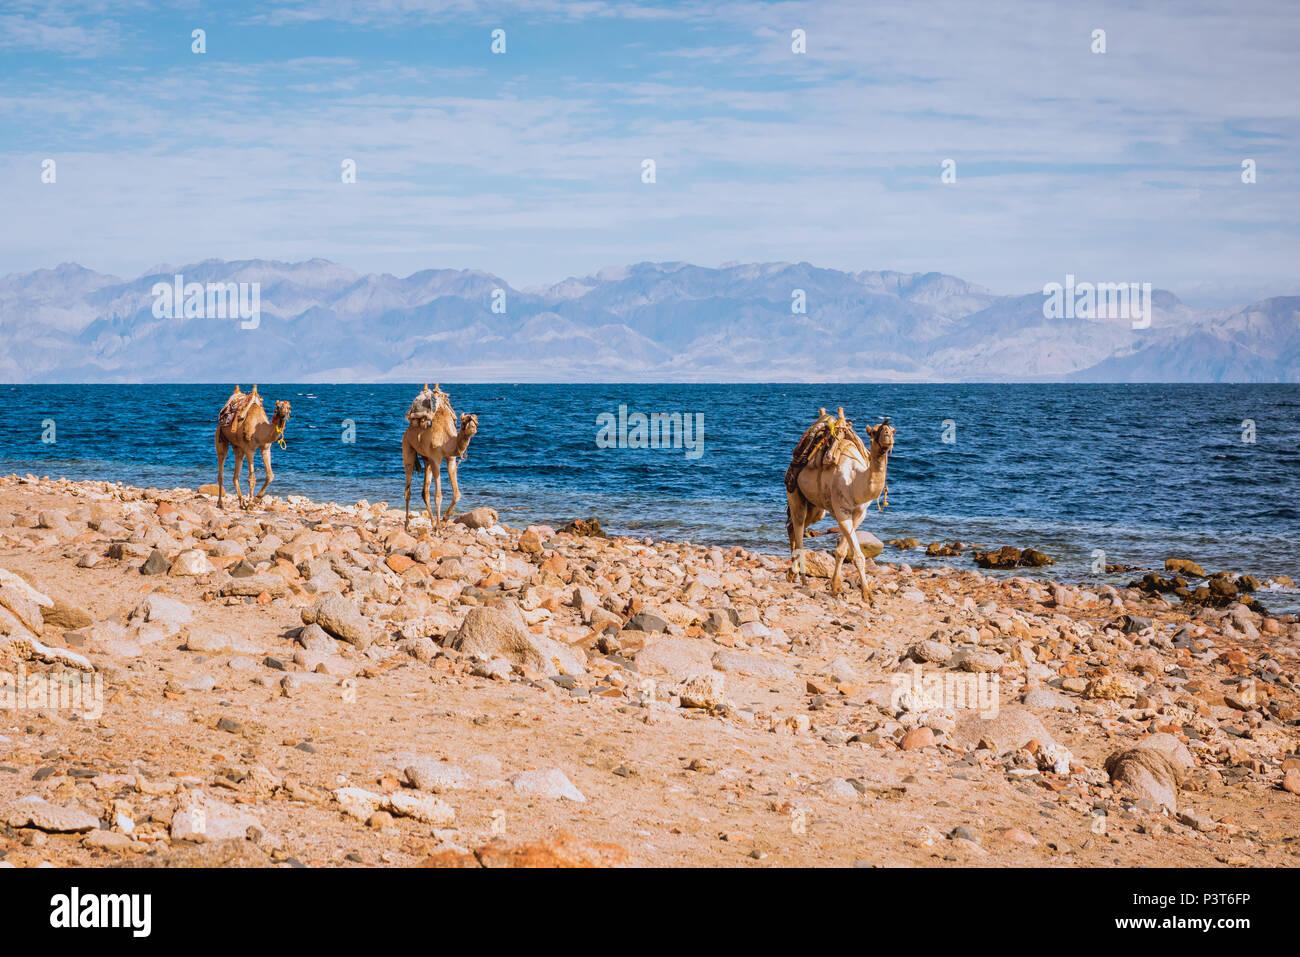 Chameaux sur la plage côte Sinaï, Égypte, Afrique Photo Stock